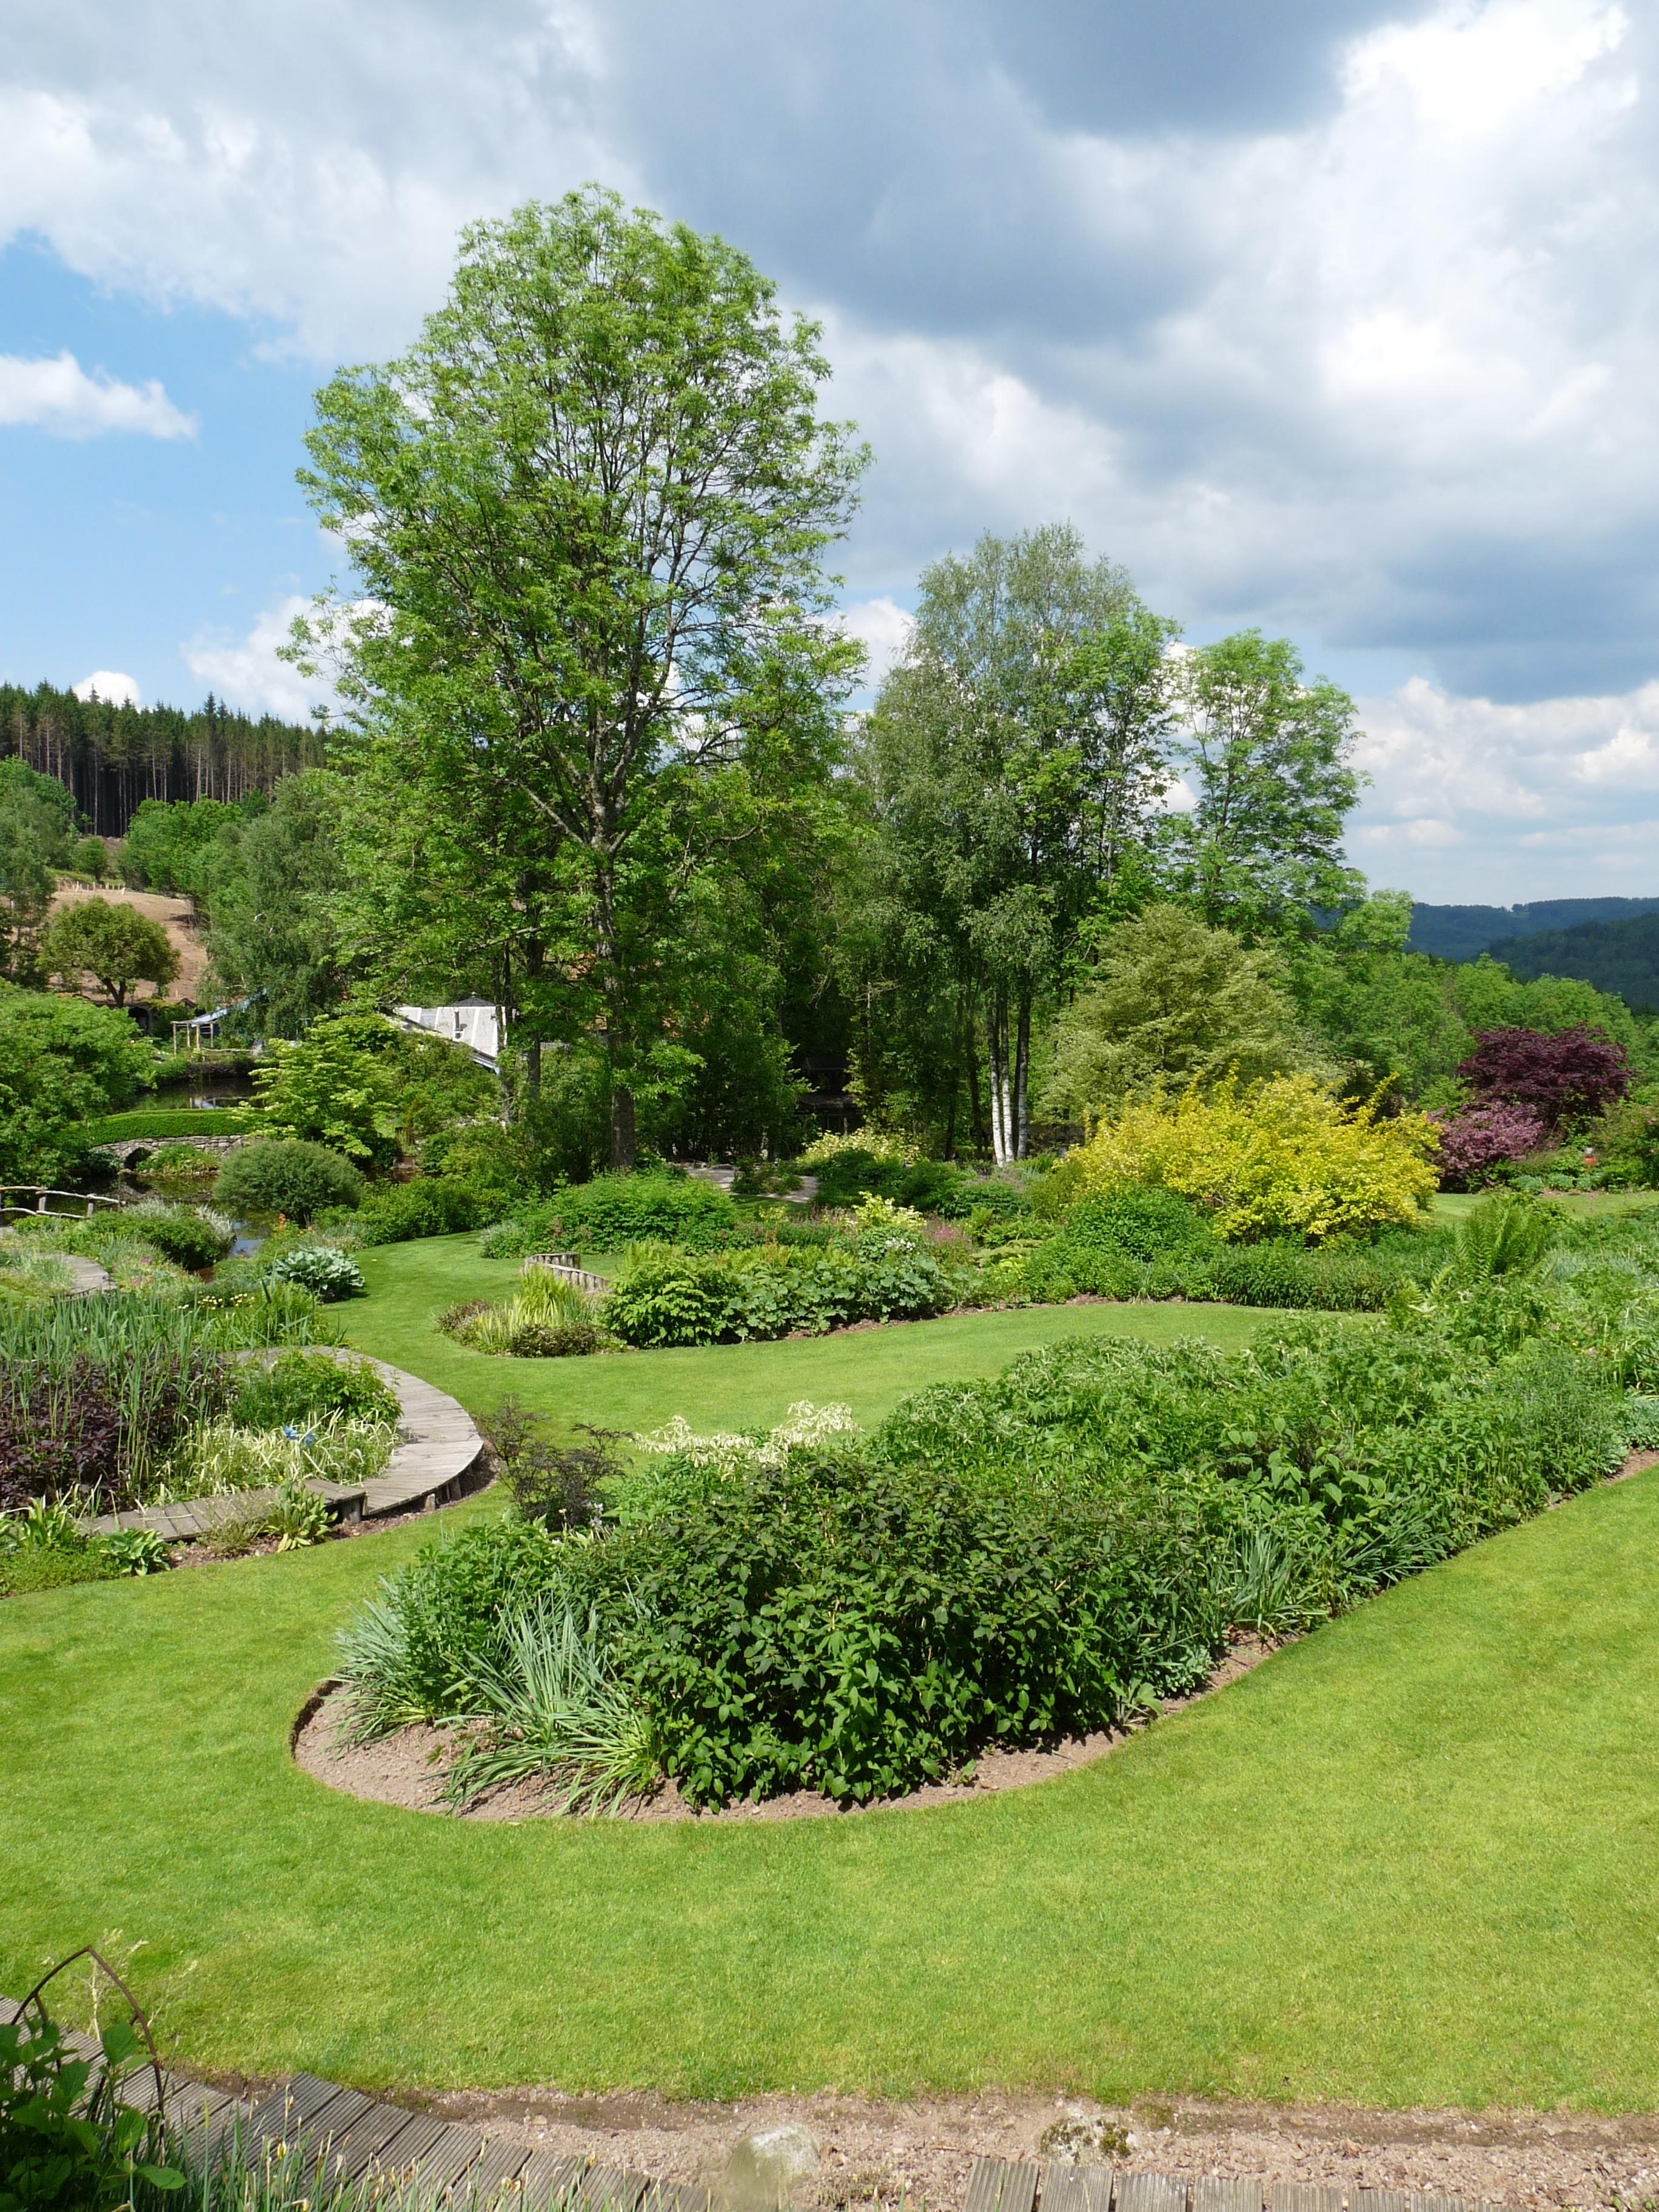 File:Jardin de Berchigranges (8).JPG - Wikimedia Commons